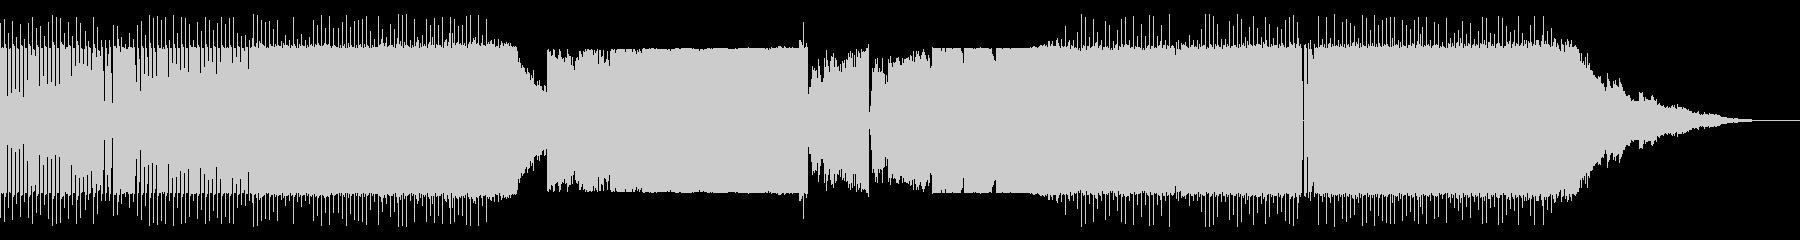 個性的なベース音の四つ打ちの未再生の波形